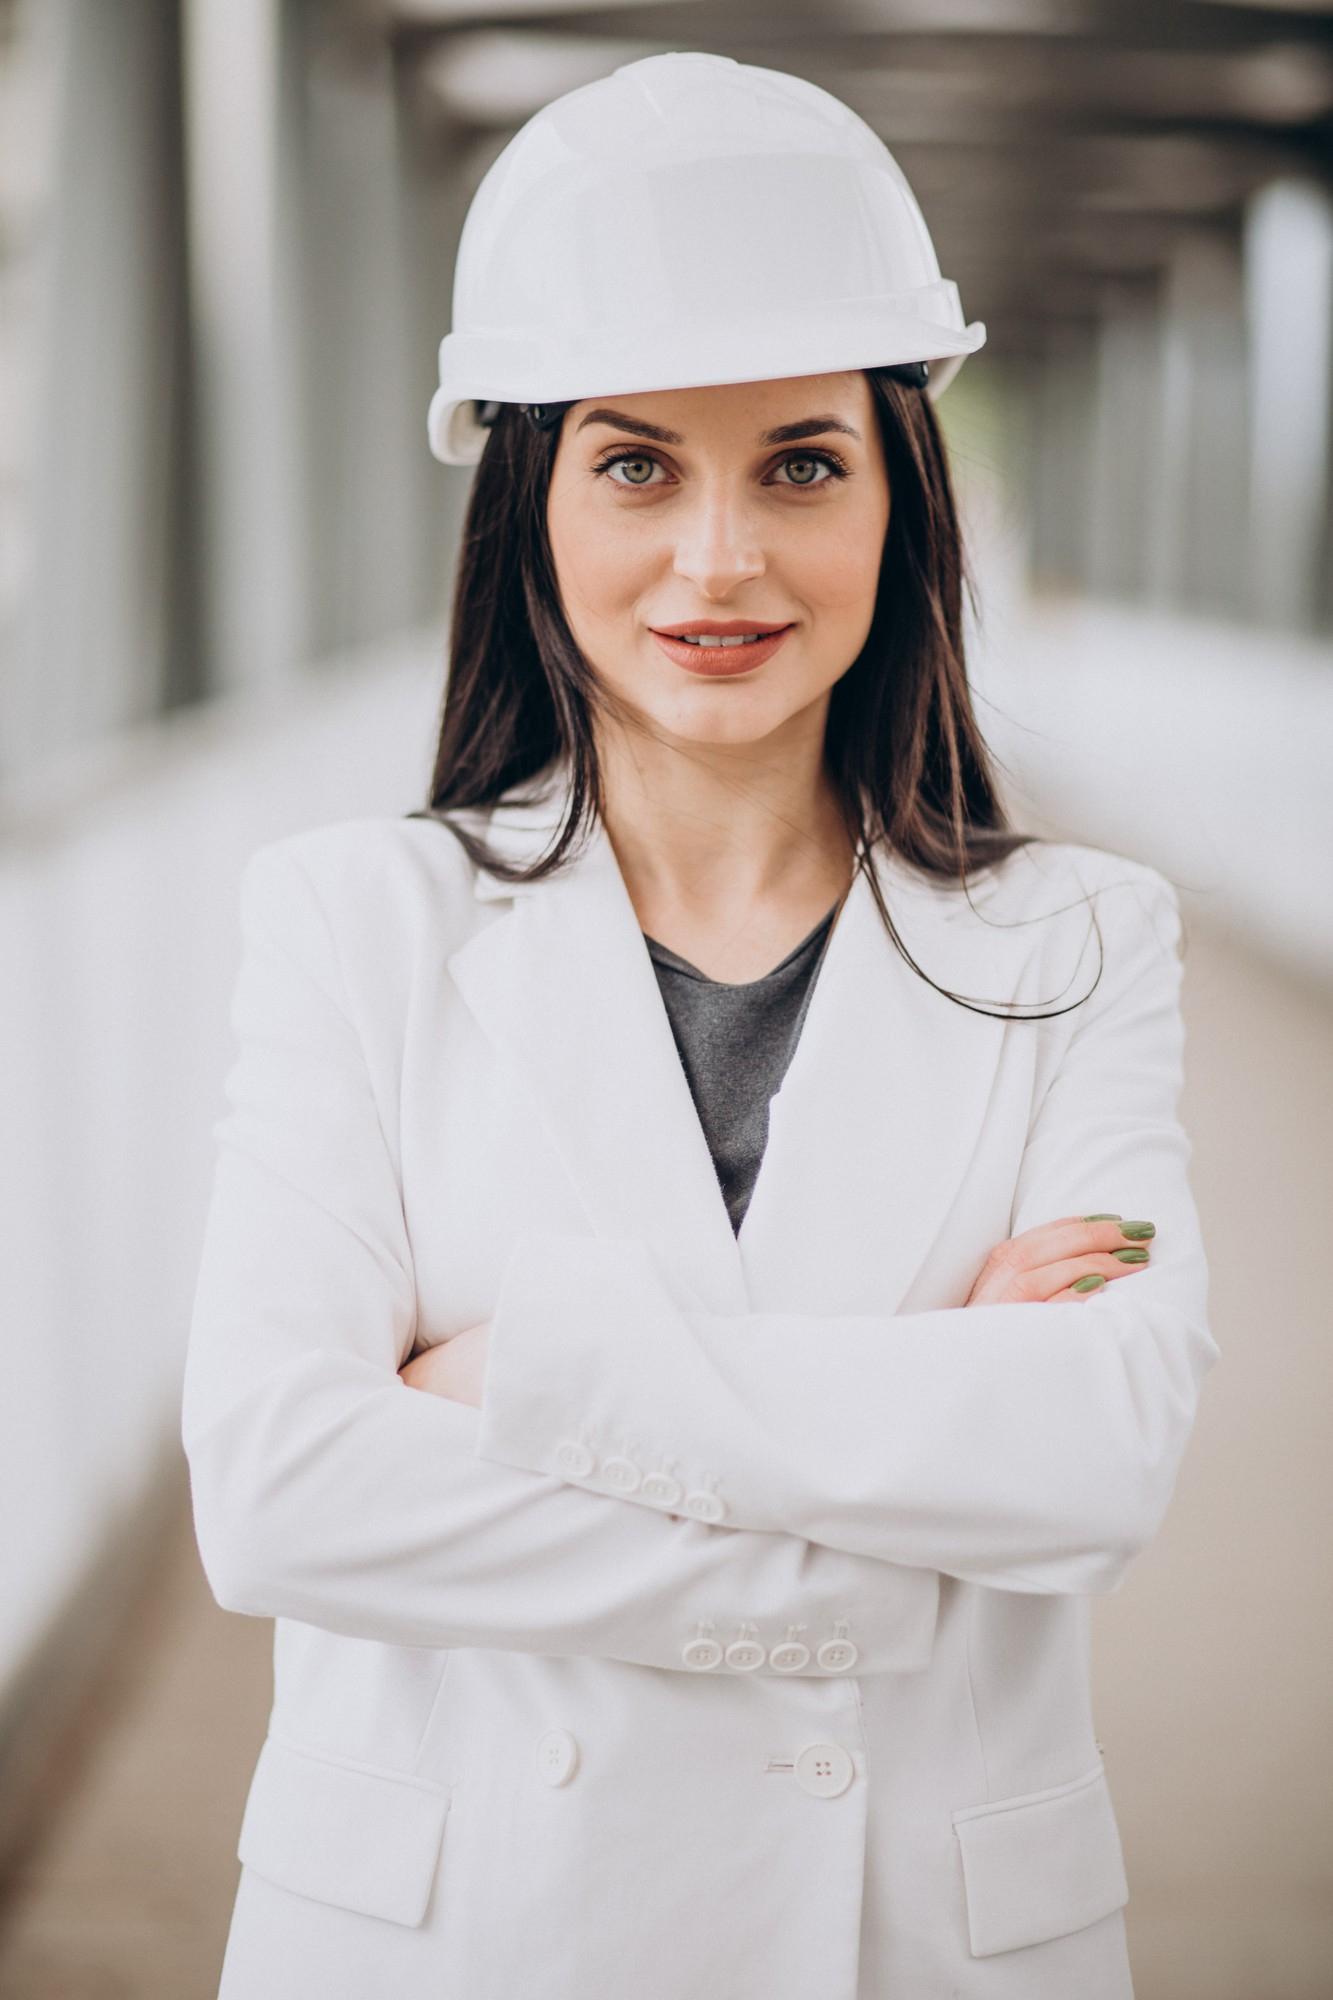 Kobieta w białym stroju roboczym i białym kasku